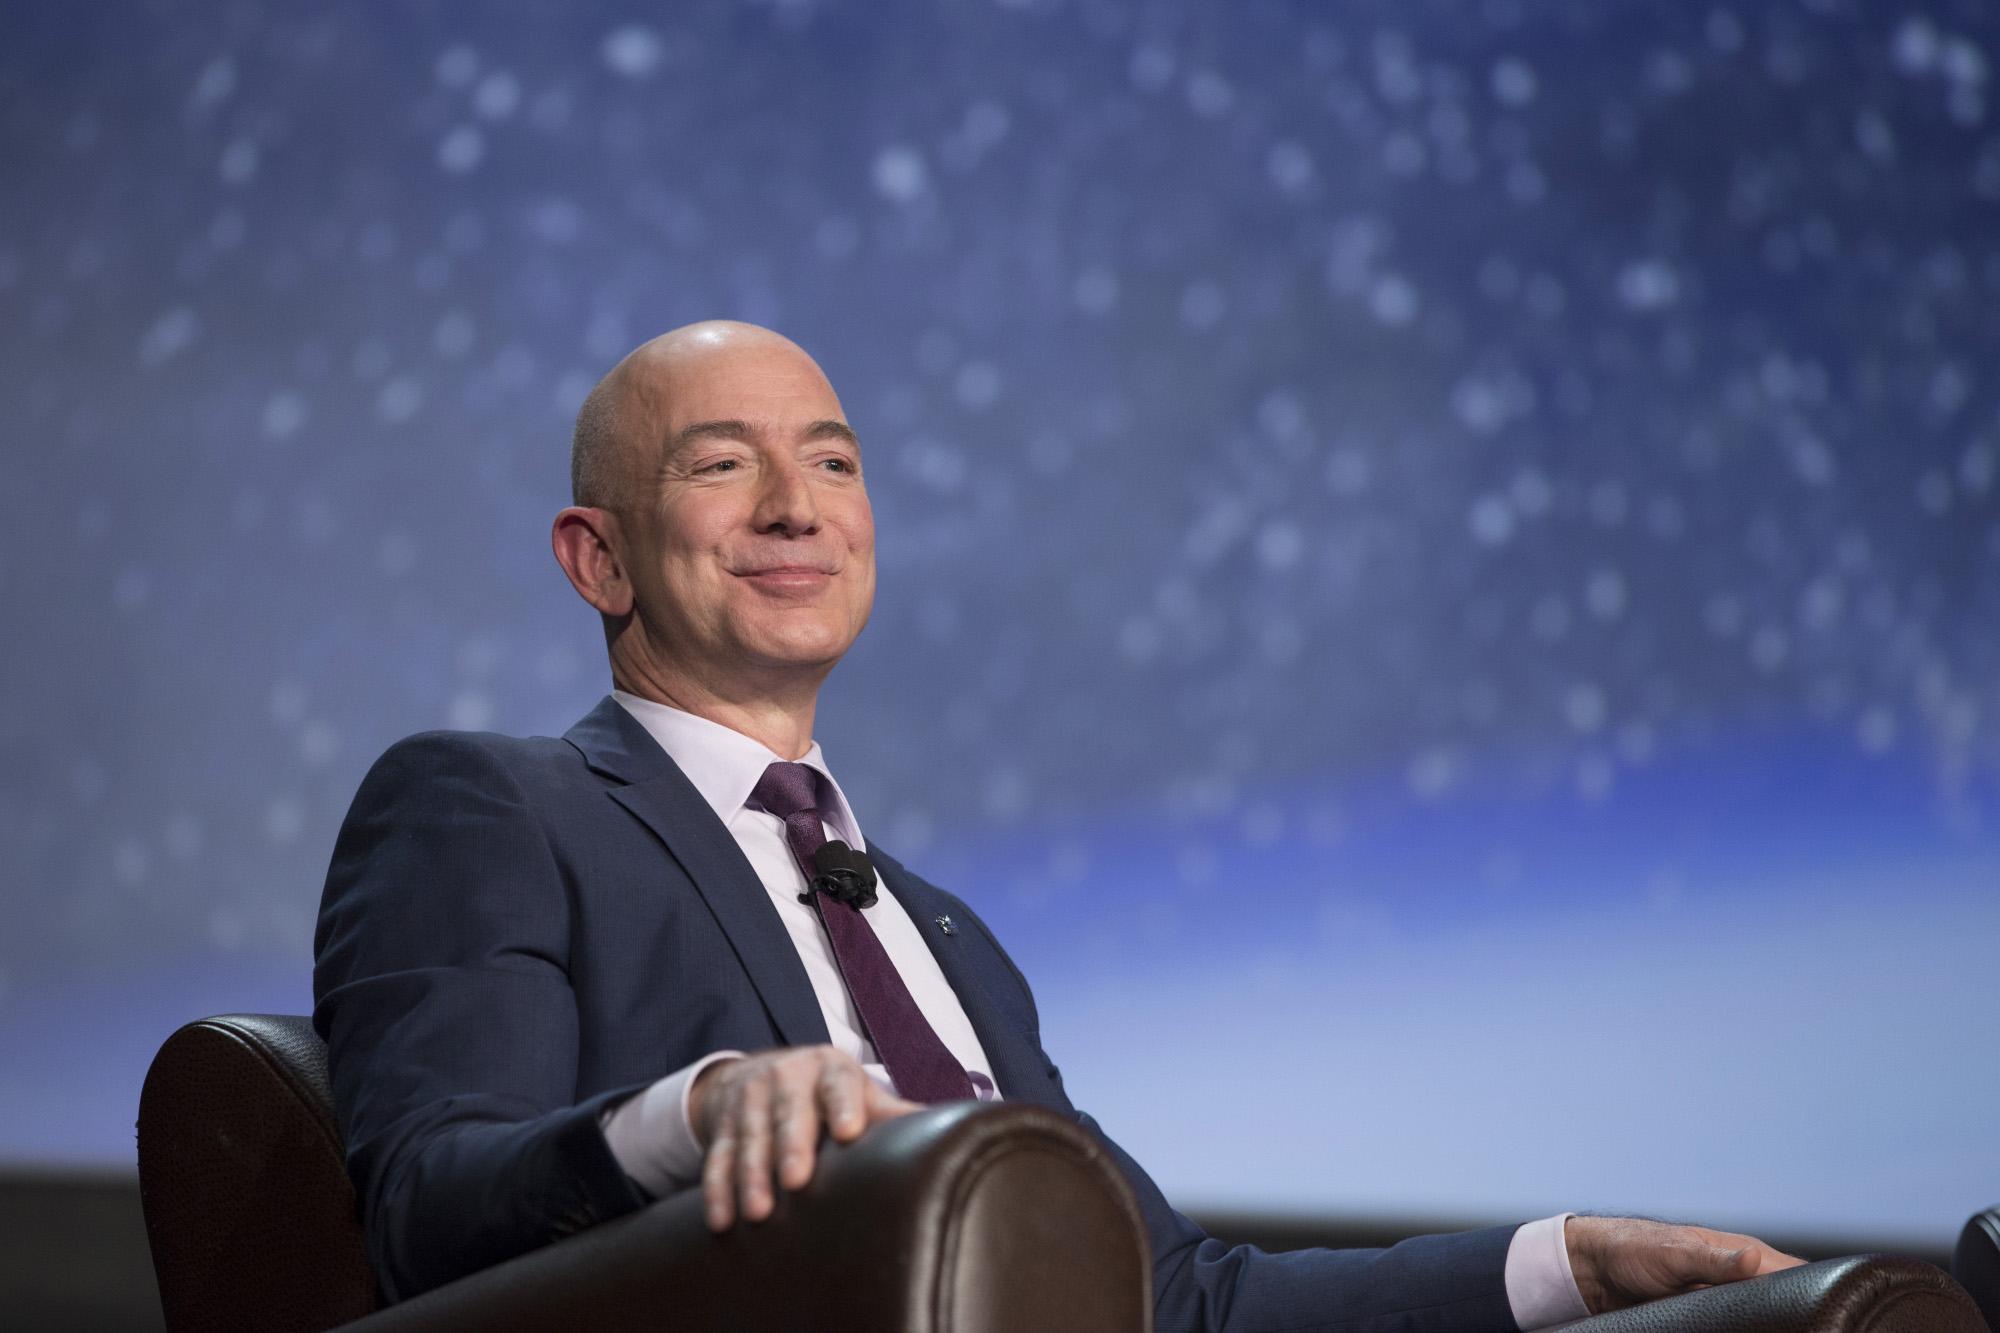 Jeff Bezoshabló ante 1.400 personas sobre su vida y su empresa (Bloomberg / Matthew Staver)